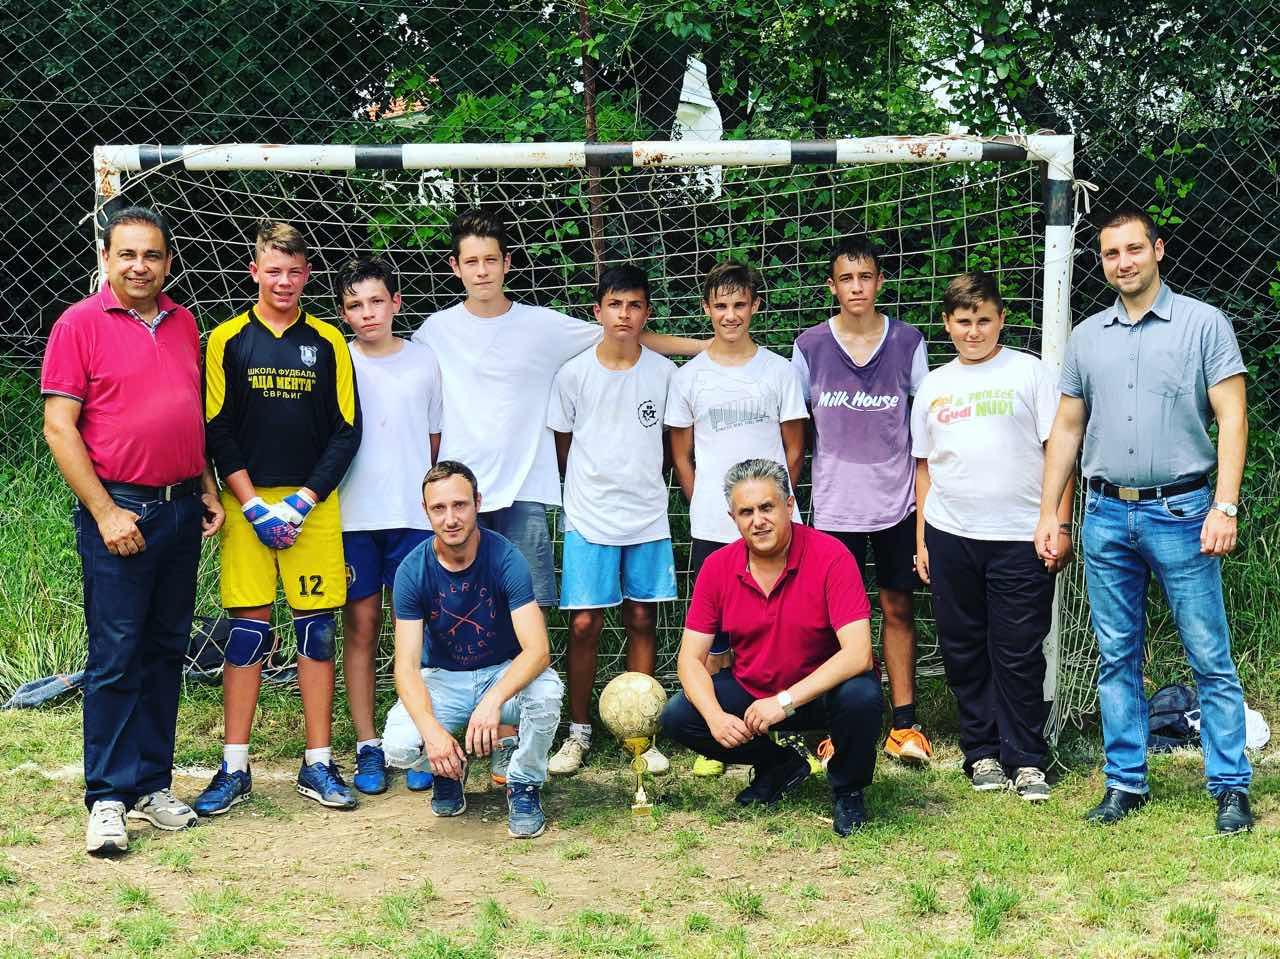 VIII Turnir u malom fudbalu u Crnoljevici 1